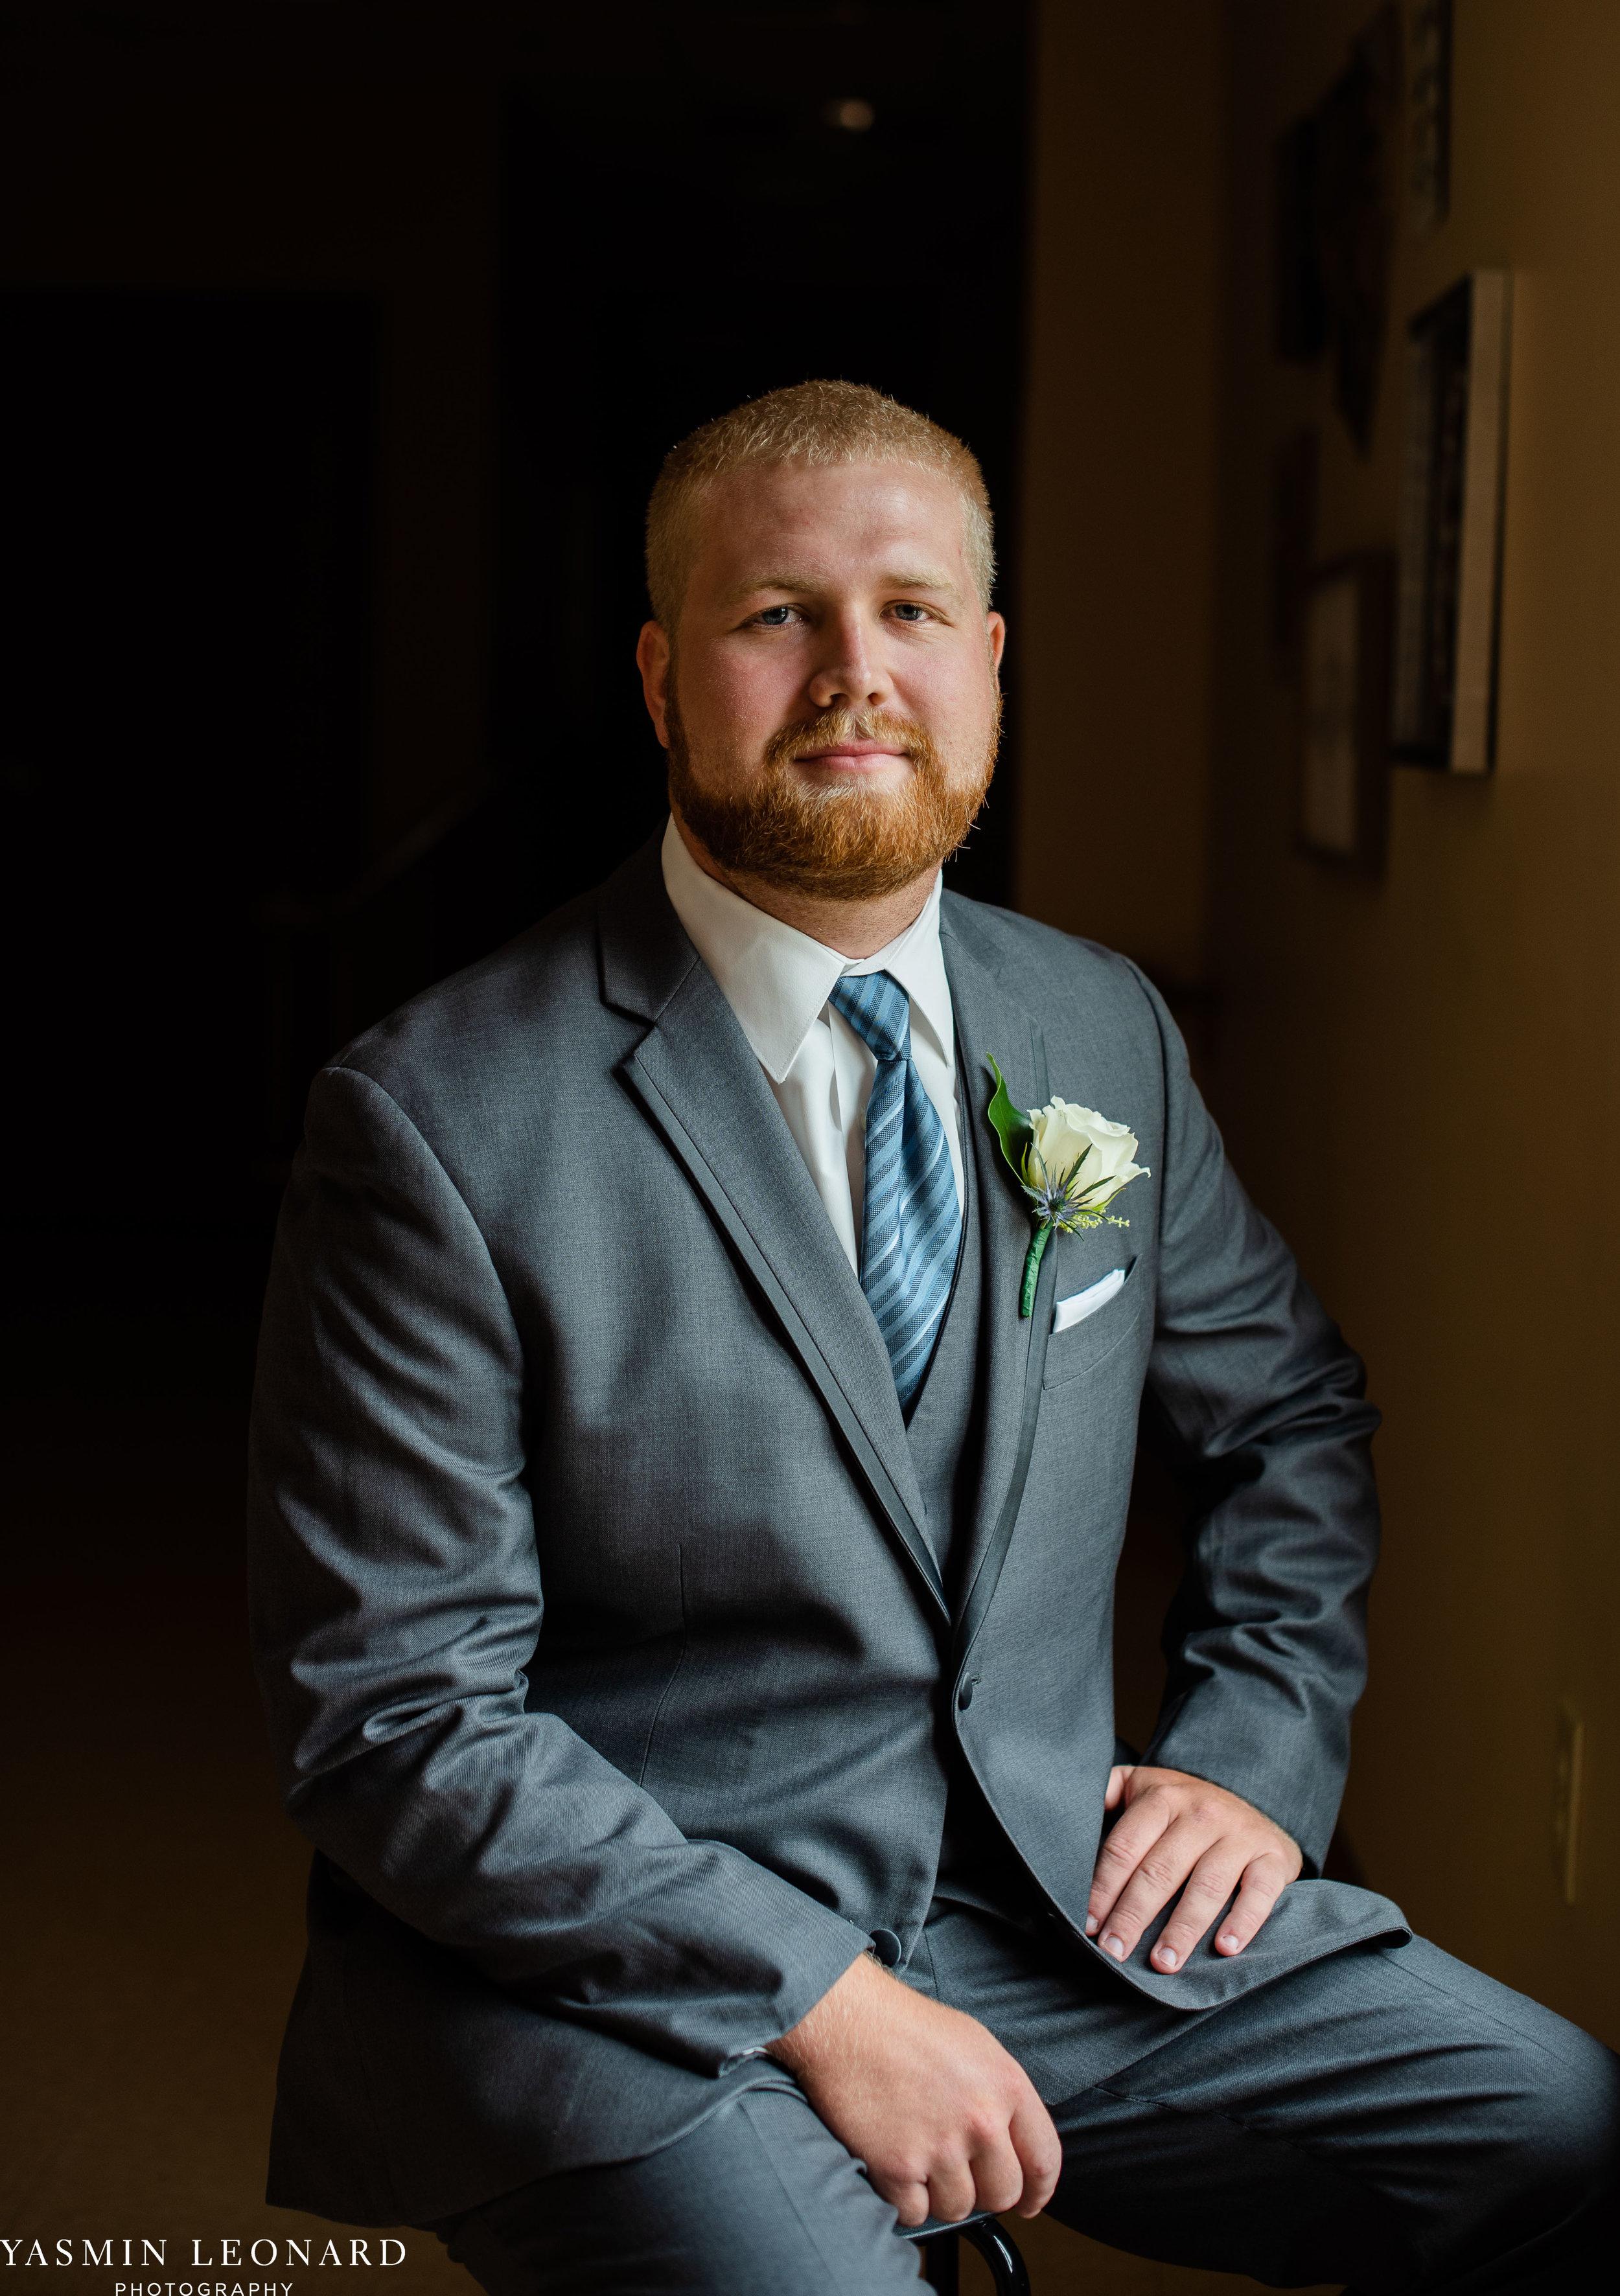 Mt. Pleasant Church - Church Wedding - Traditional Wedding - Church Ceremony - Country Wedding - Godly Wedding - NC Wedding Photographer - High Point Weddings - Triad Weddings - NC Venues-7.jpg